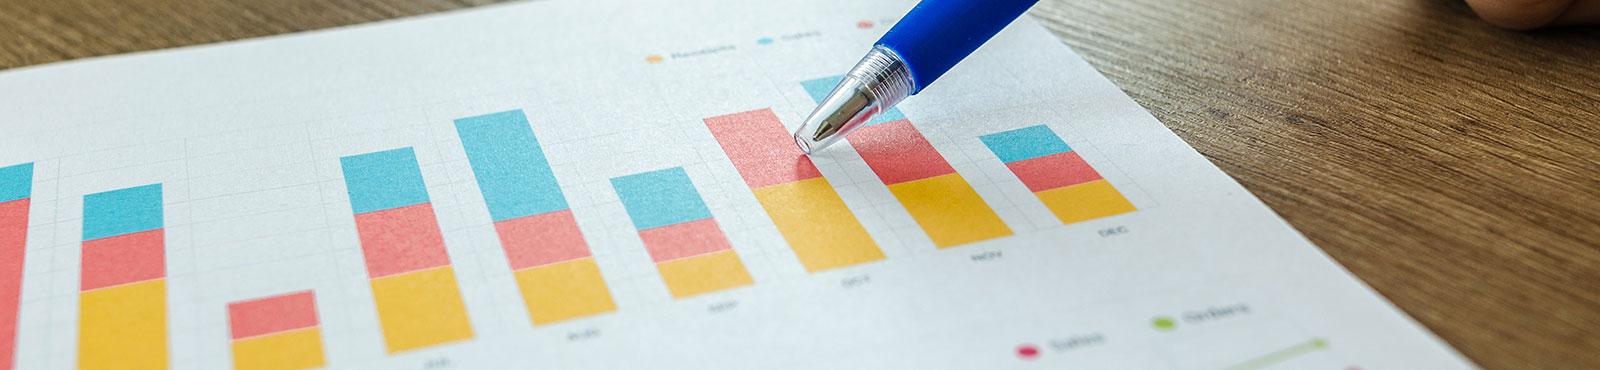 FB-Kosten-und-Erlösrechnung-Profi-Auswertungen-per-Mausklick-2